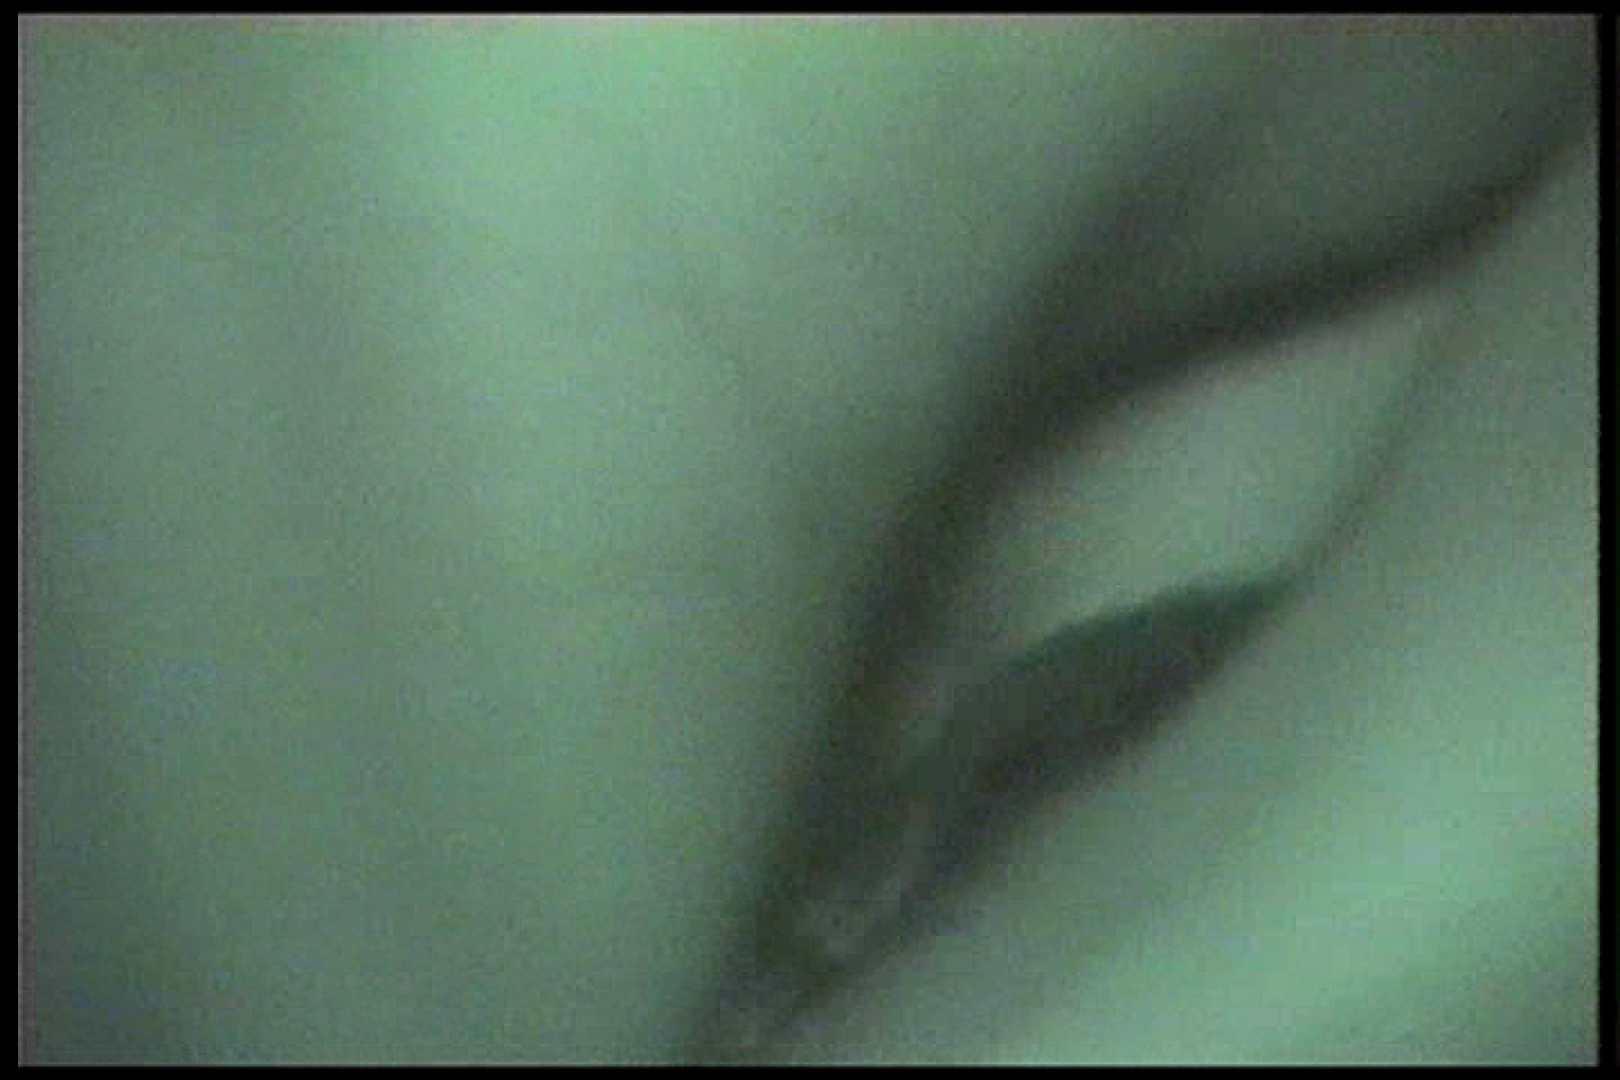 カーセックス未編集・無修正版 Vol.6前編 OLセックス 盗撮おまんこ無修正動画無料 69画像 11